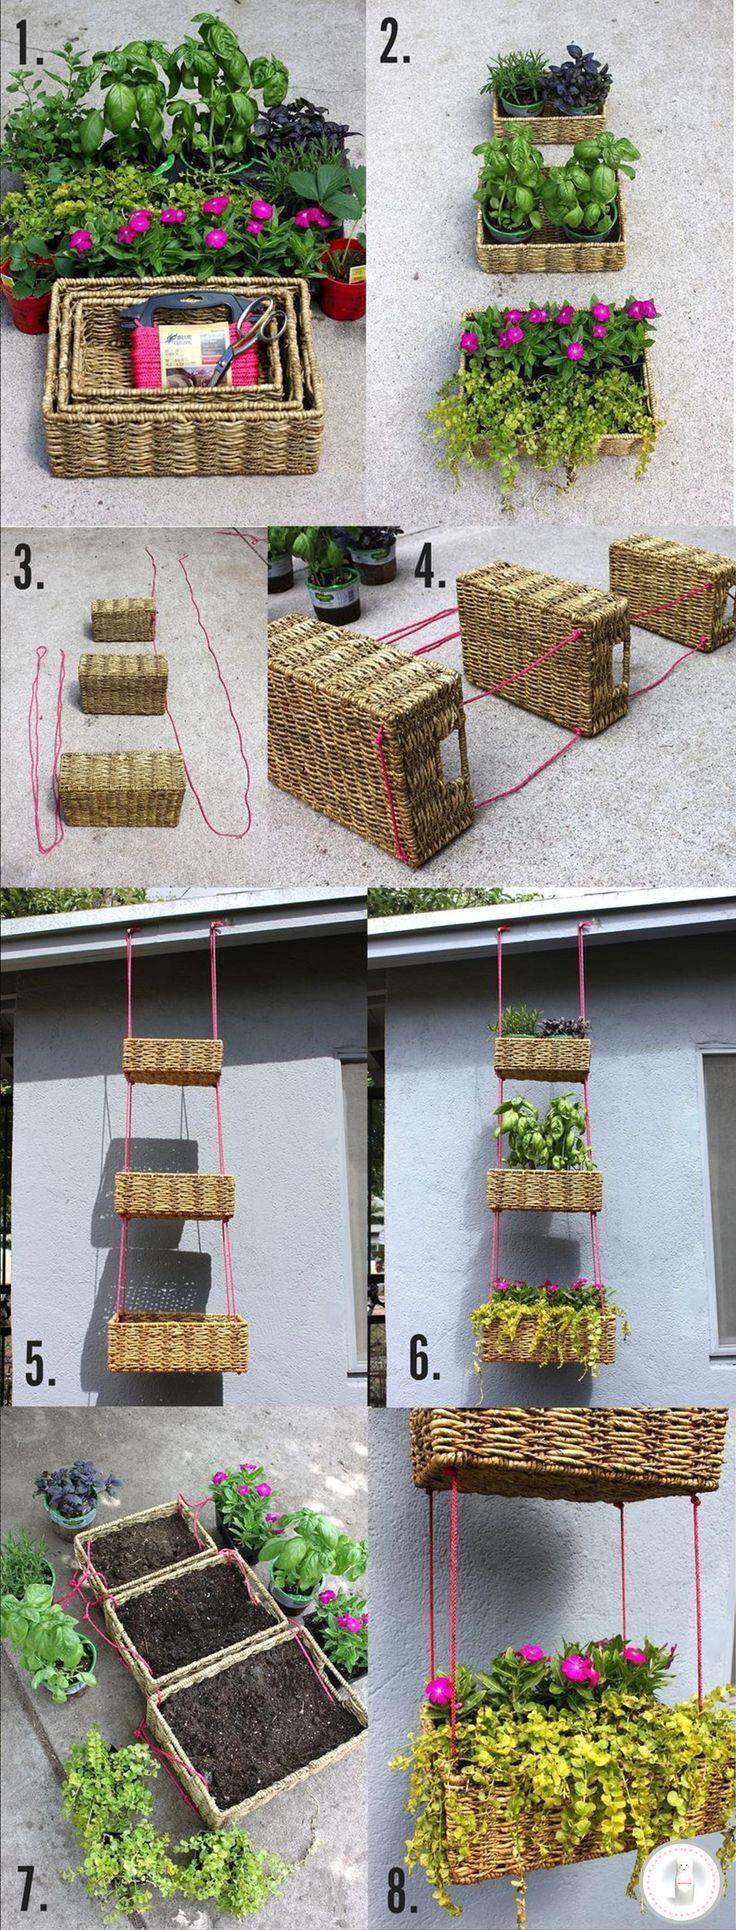 Hola a todos! 20 ideas geniales para realizar jardines colgantes o verticales, ideal para ocupar poco espacio y tener unjardínoriginar y genial!. Https://k60.kn3.net/taringa/0/A/9/A/8/B/NirianLuna/C56.jpg....